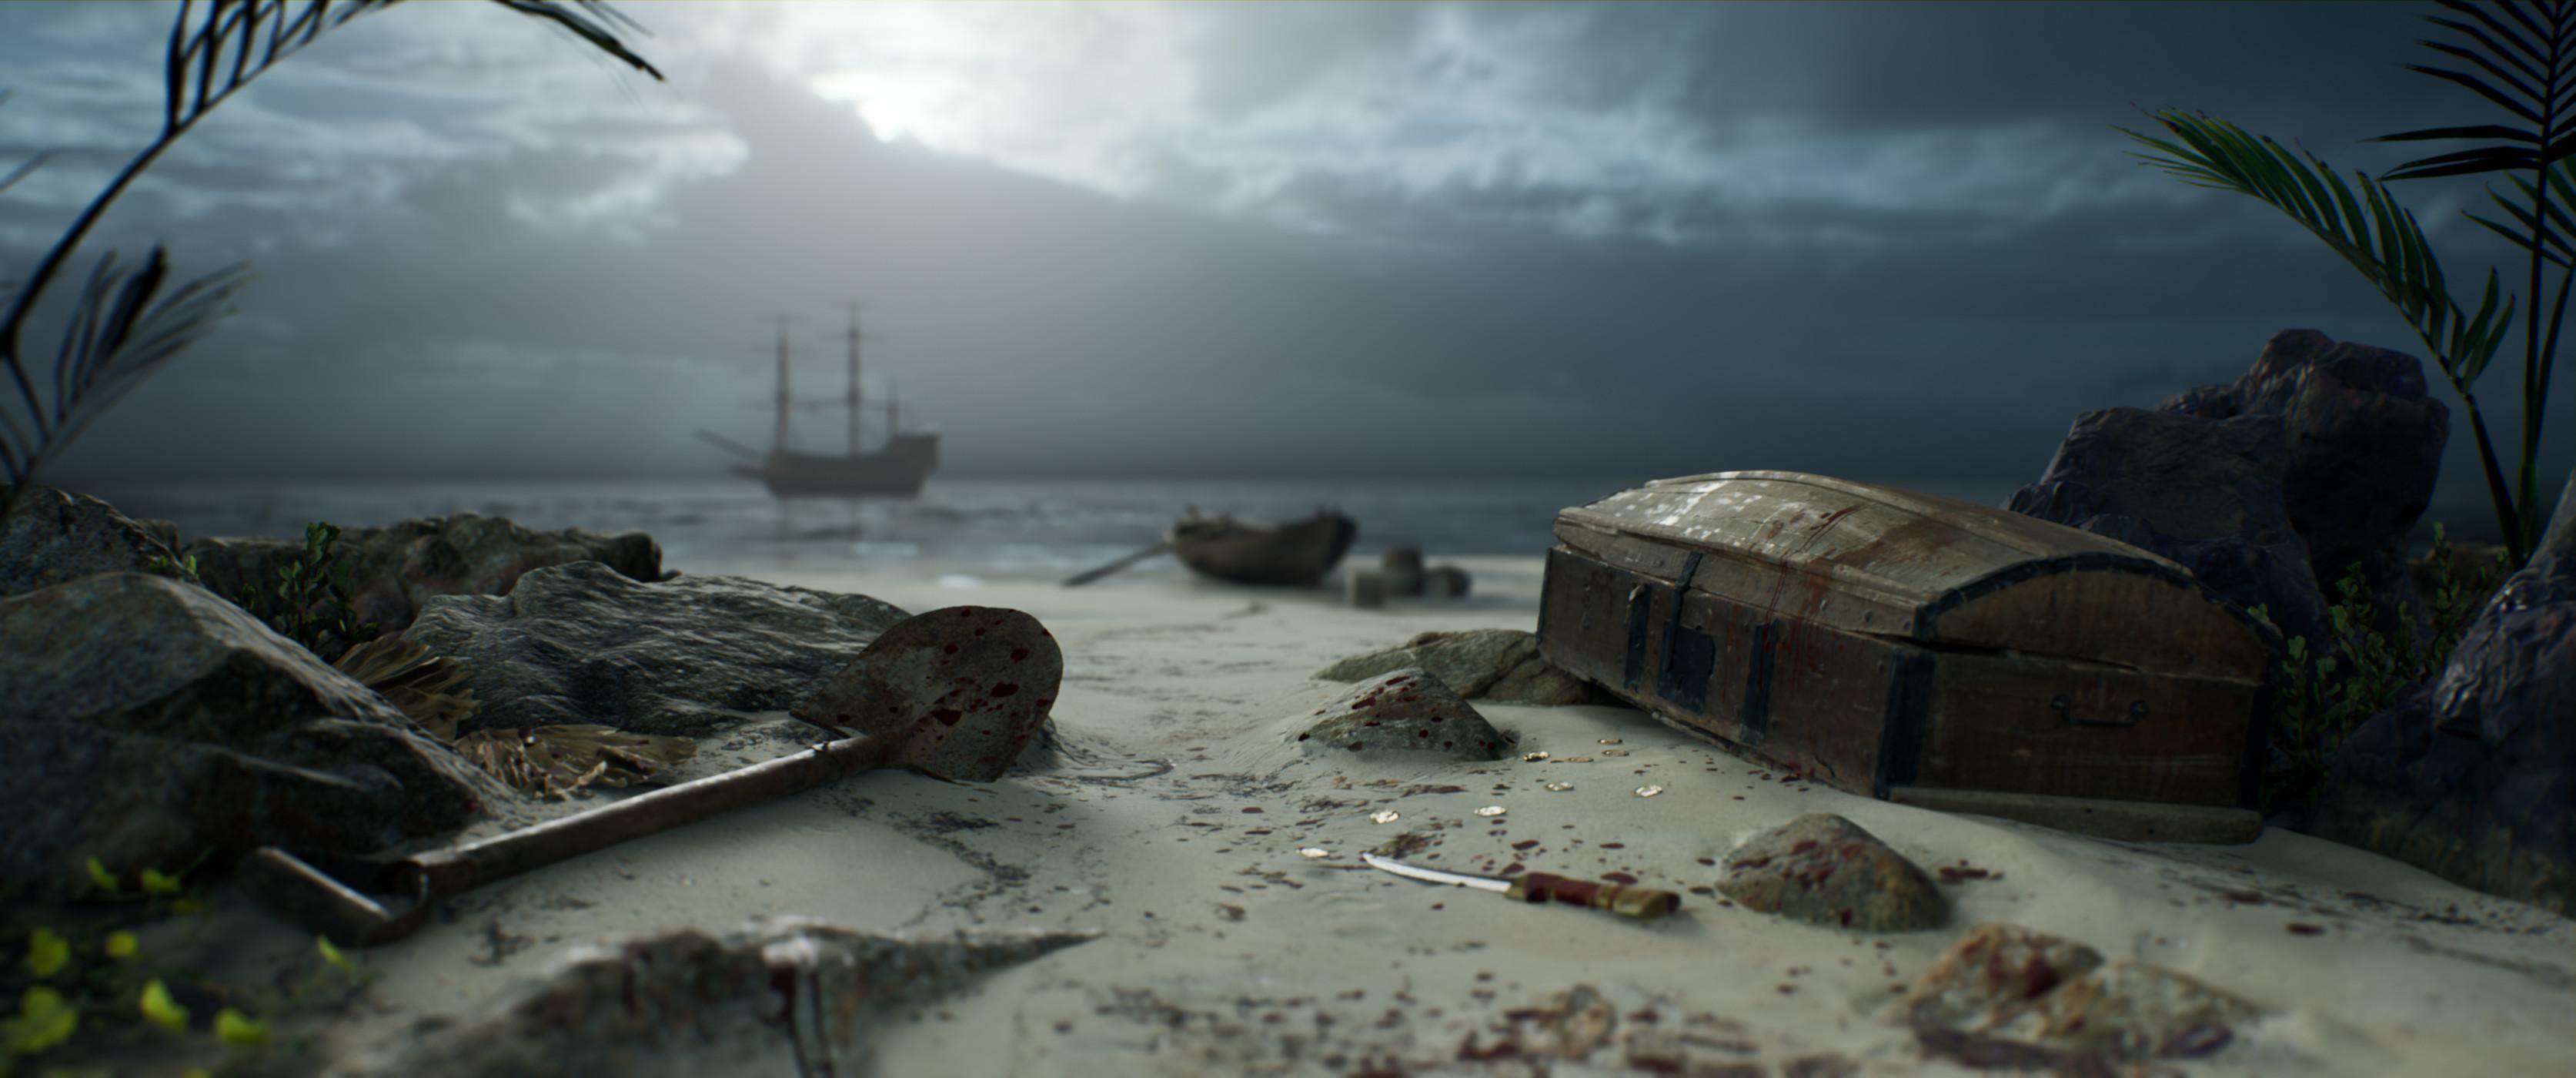 07 - Treasure Island